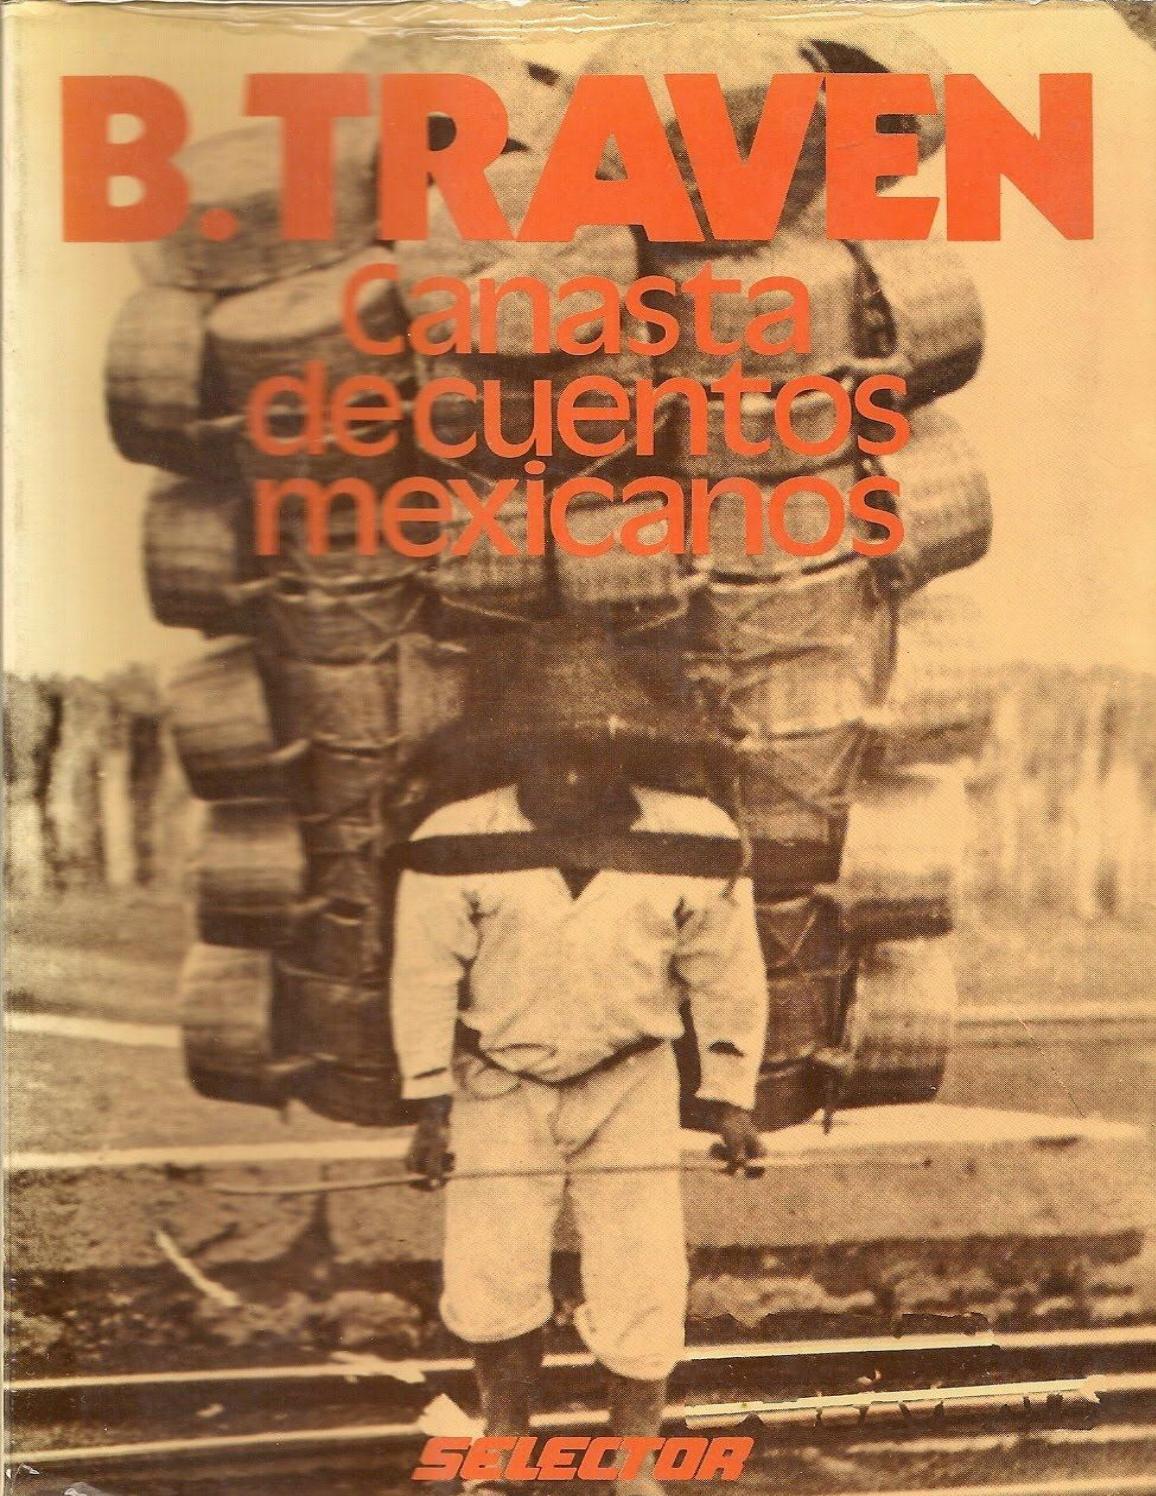 Canasta de cuentos mexicanos bruno traven by alfador for La b b